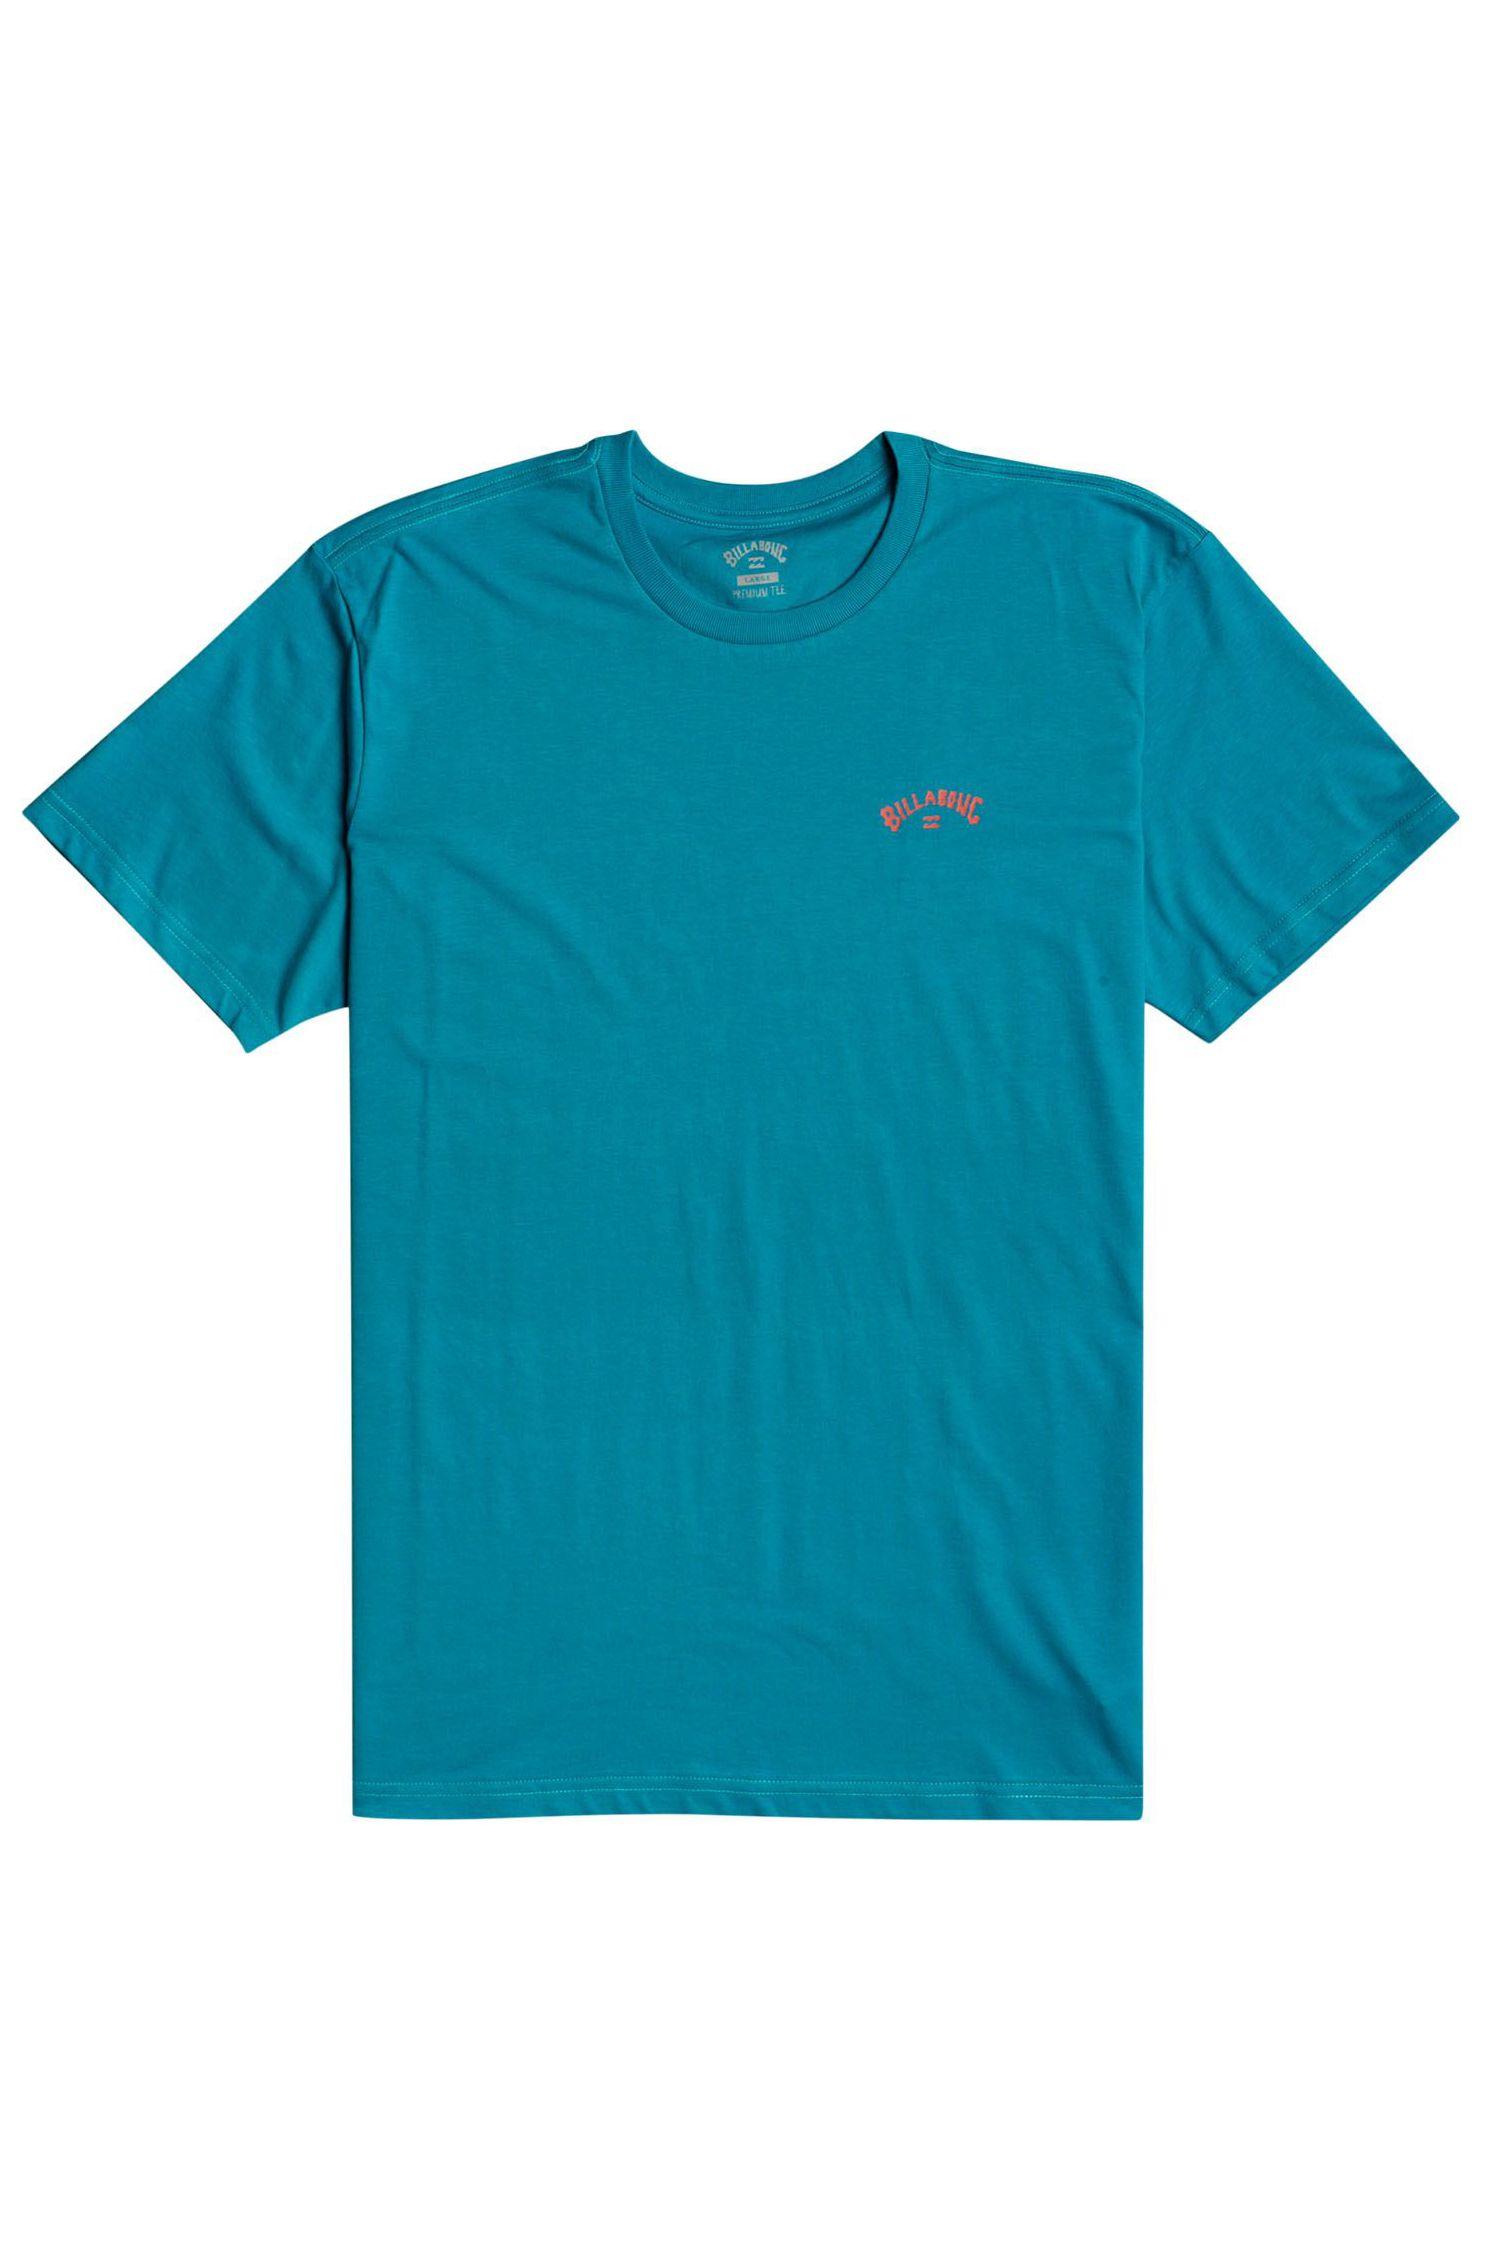 T-Shirt Billabong ARCH WAVE SS Teal